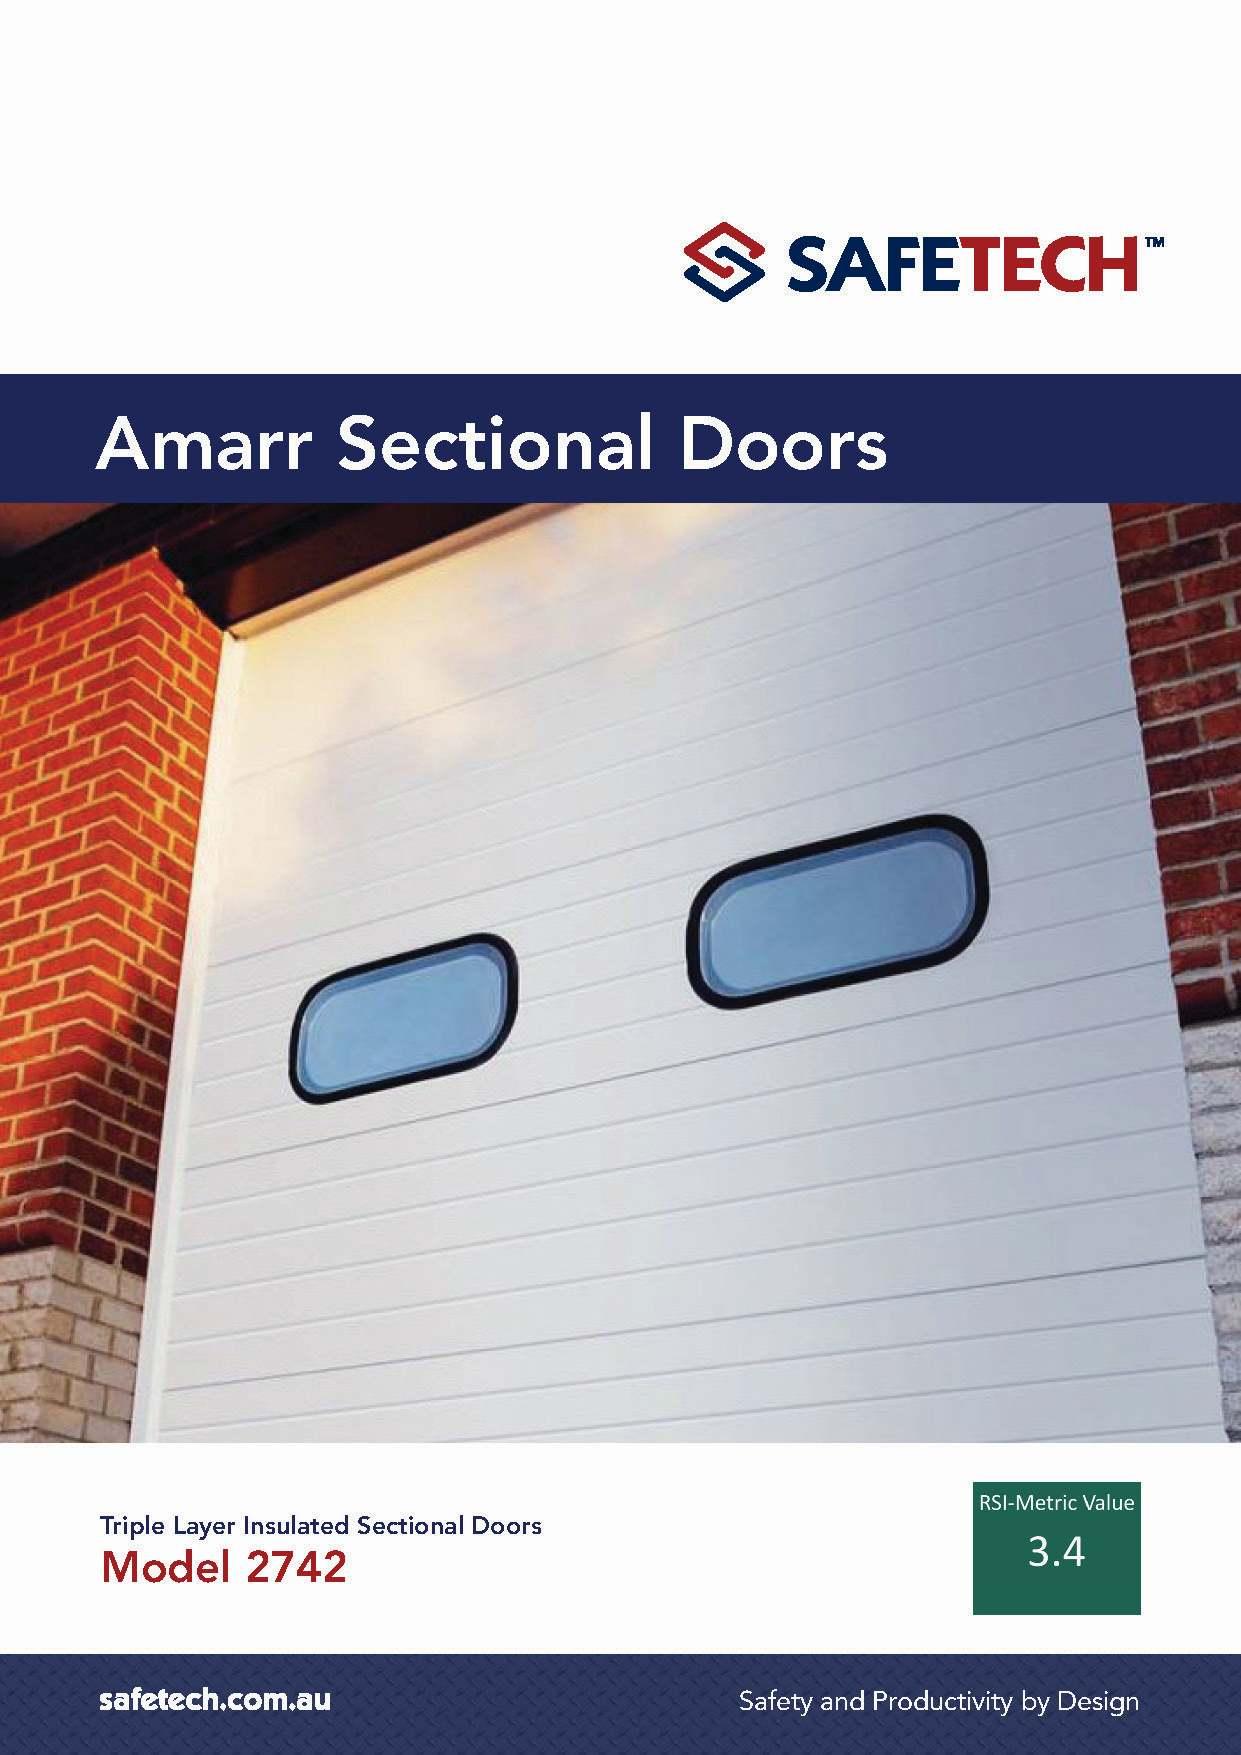 Safetech-AmarrDoors-A4_v1_Page_1